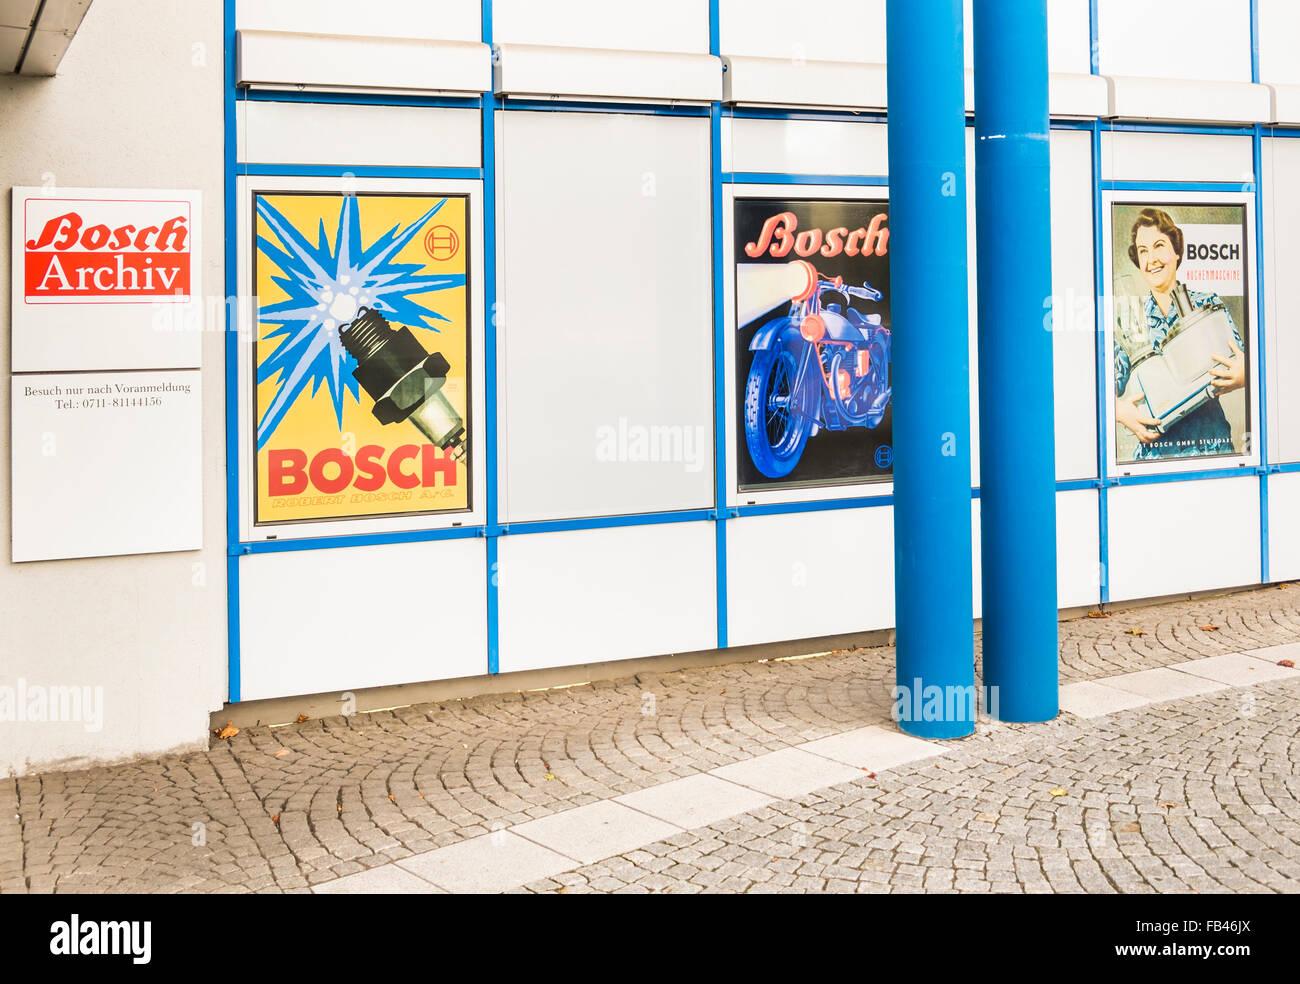 Unternehmen Archiv der Robert Bosch GmbH, Stuttgart-Feuerbach, Baden-Württemberg, Deutschland Stockbild